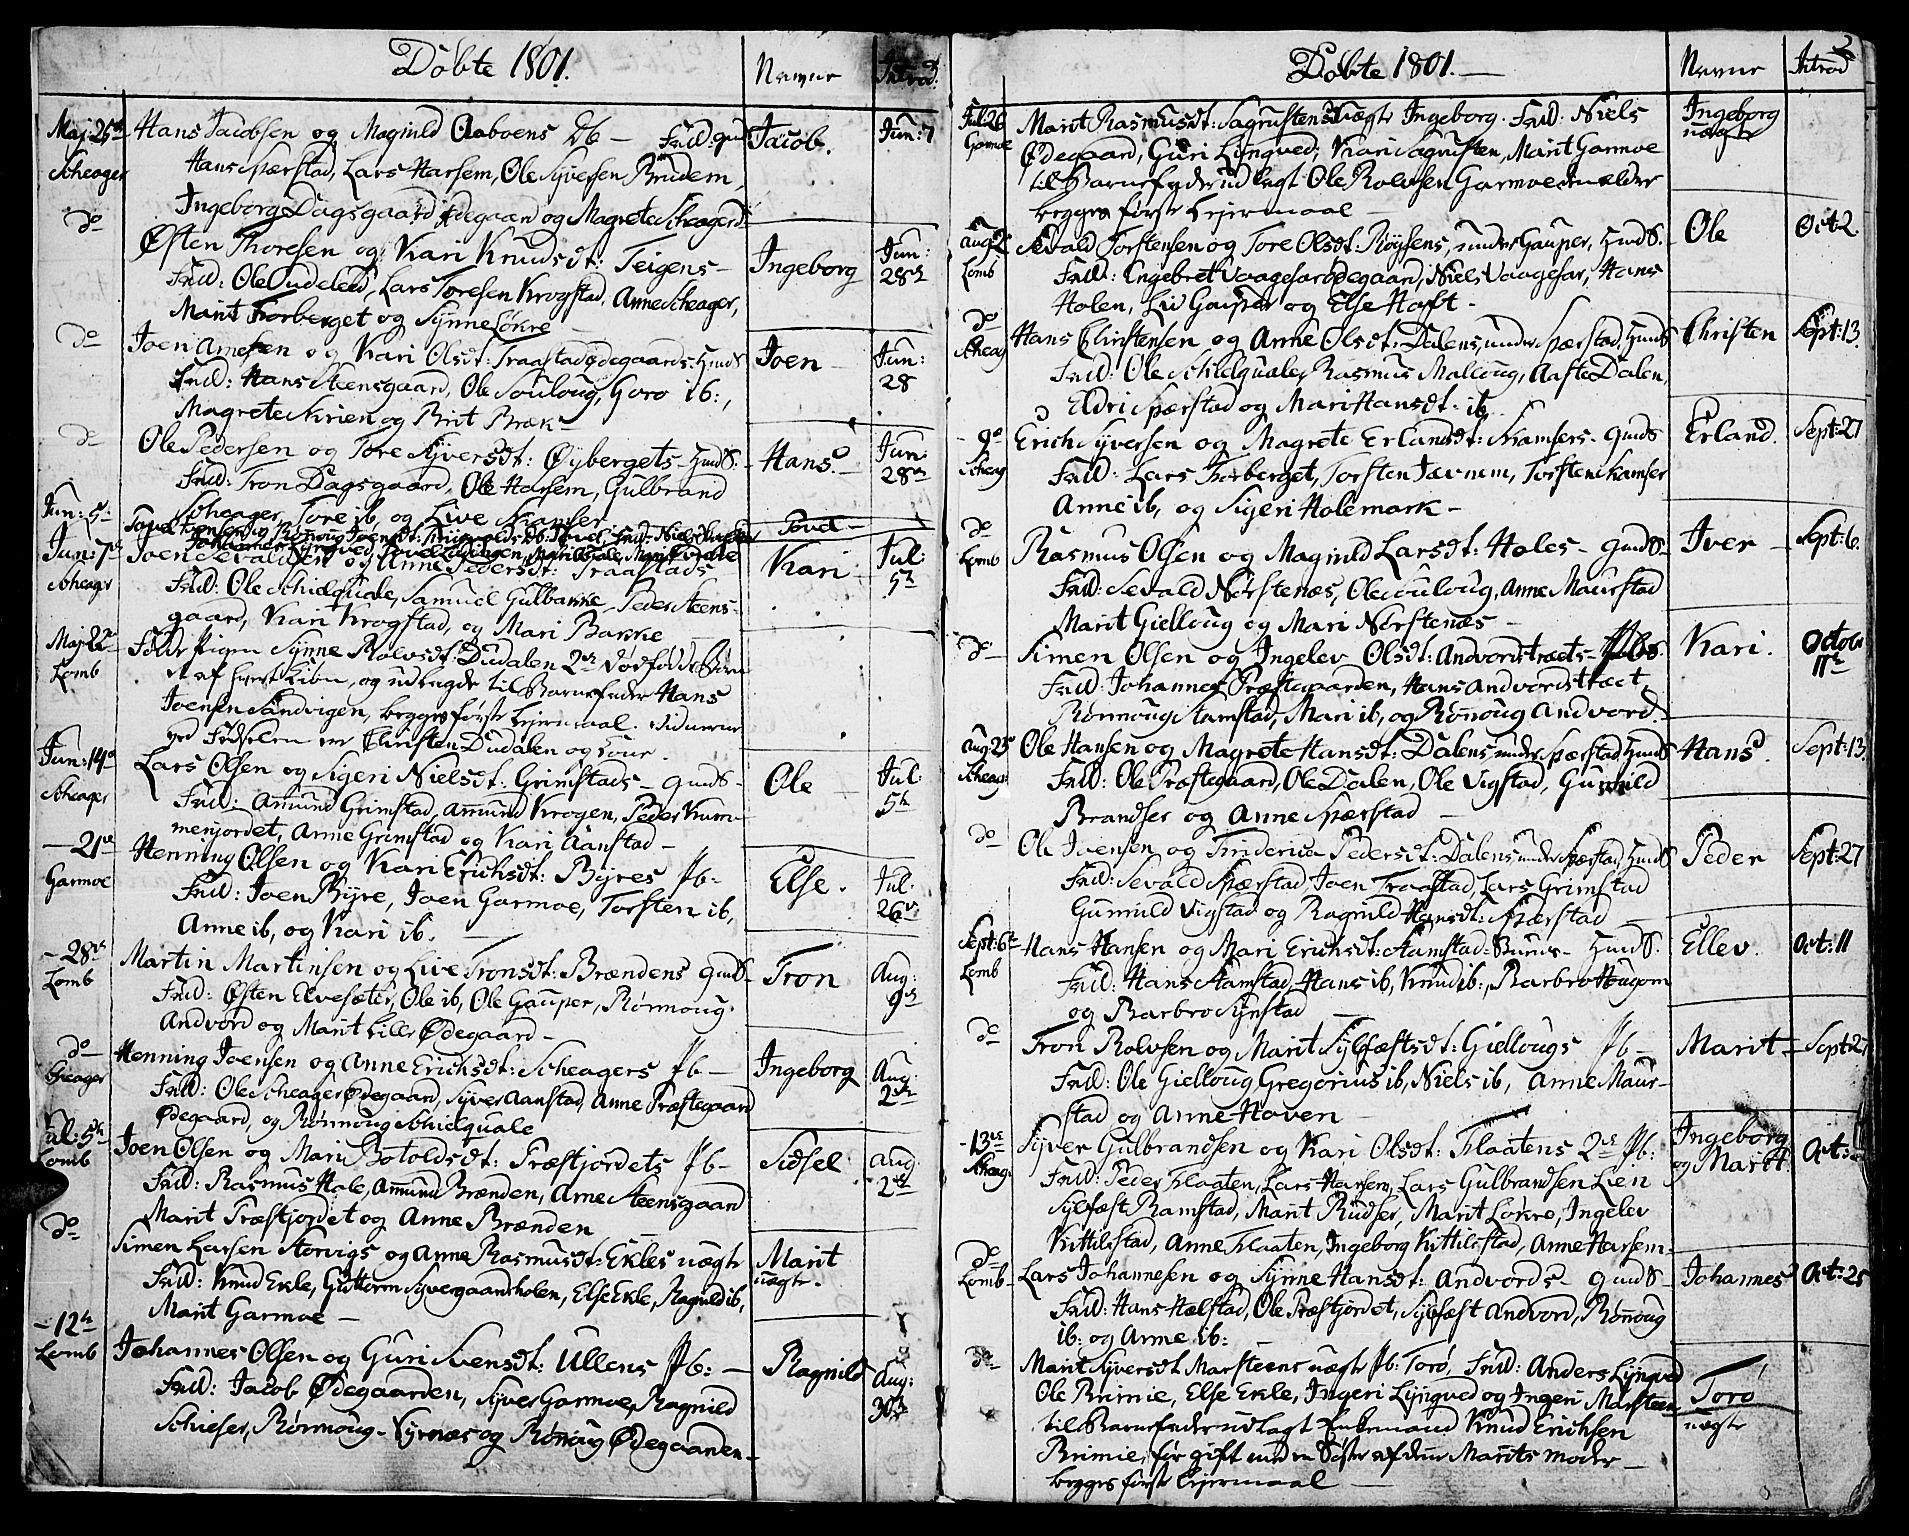 SAH, Lom prestekontor, K/L0003: Ministerialbok nr. 3, 1801-1825, s. 2